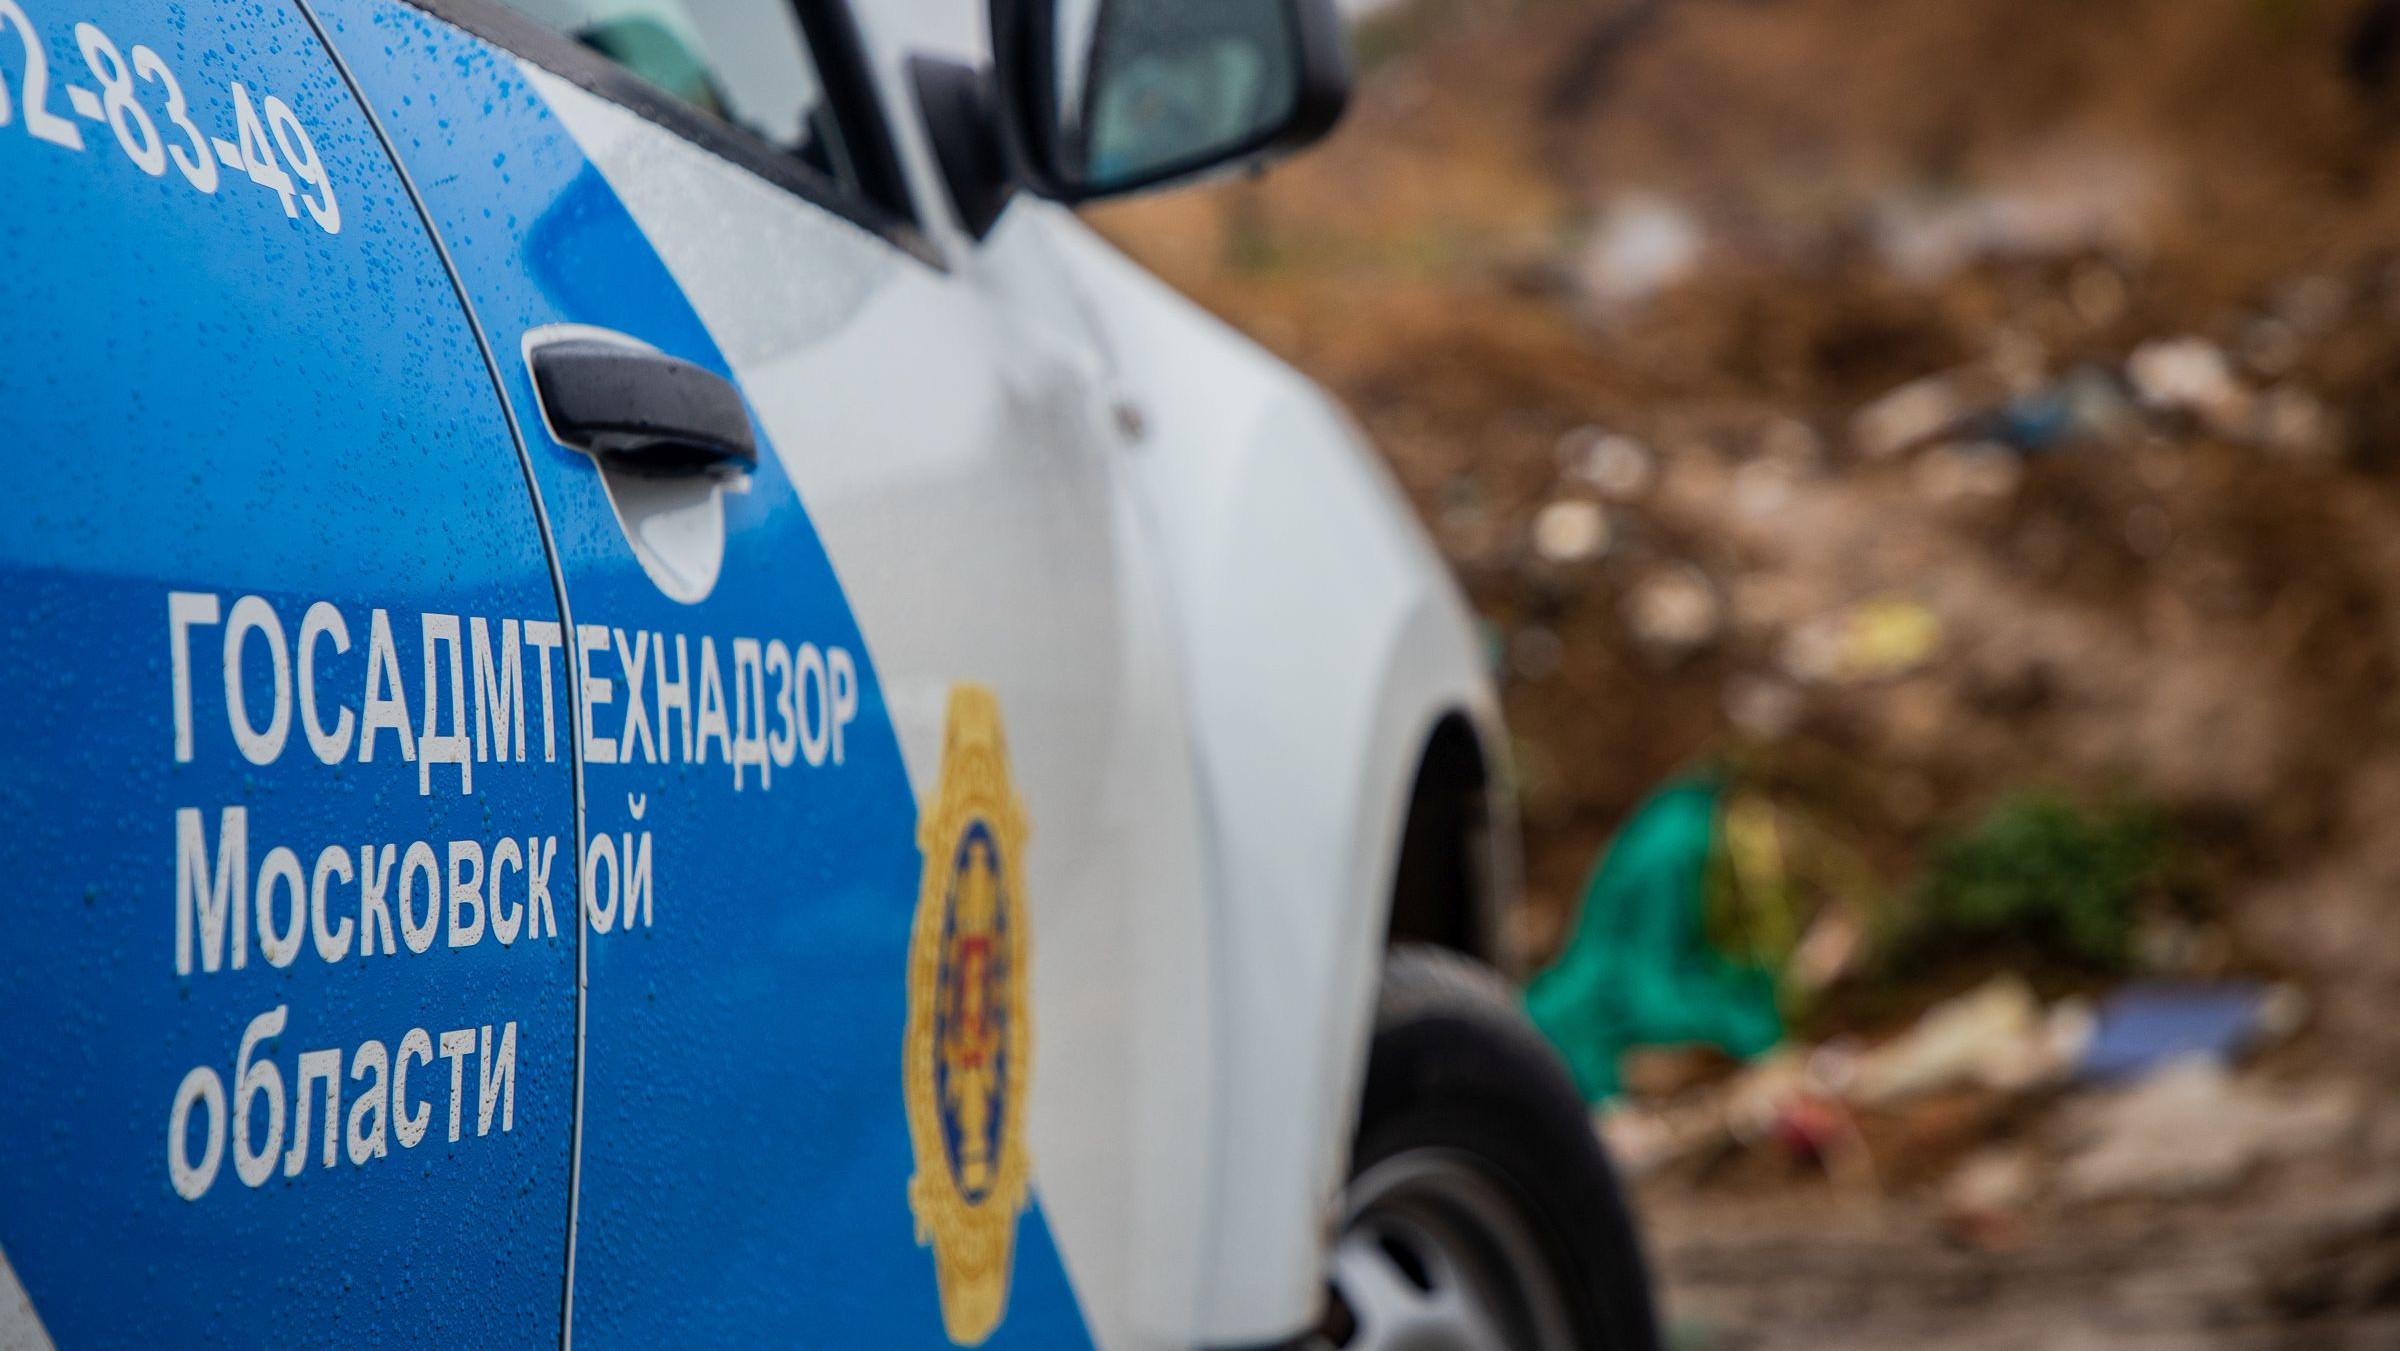 Более 340 нарушений чистоты устранили административные комиссии в Подмосковье